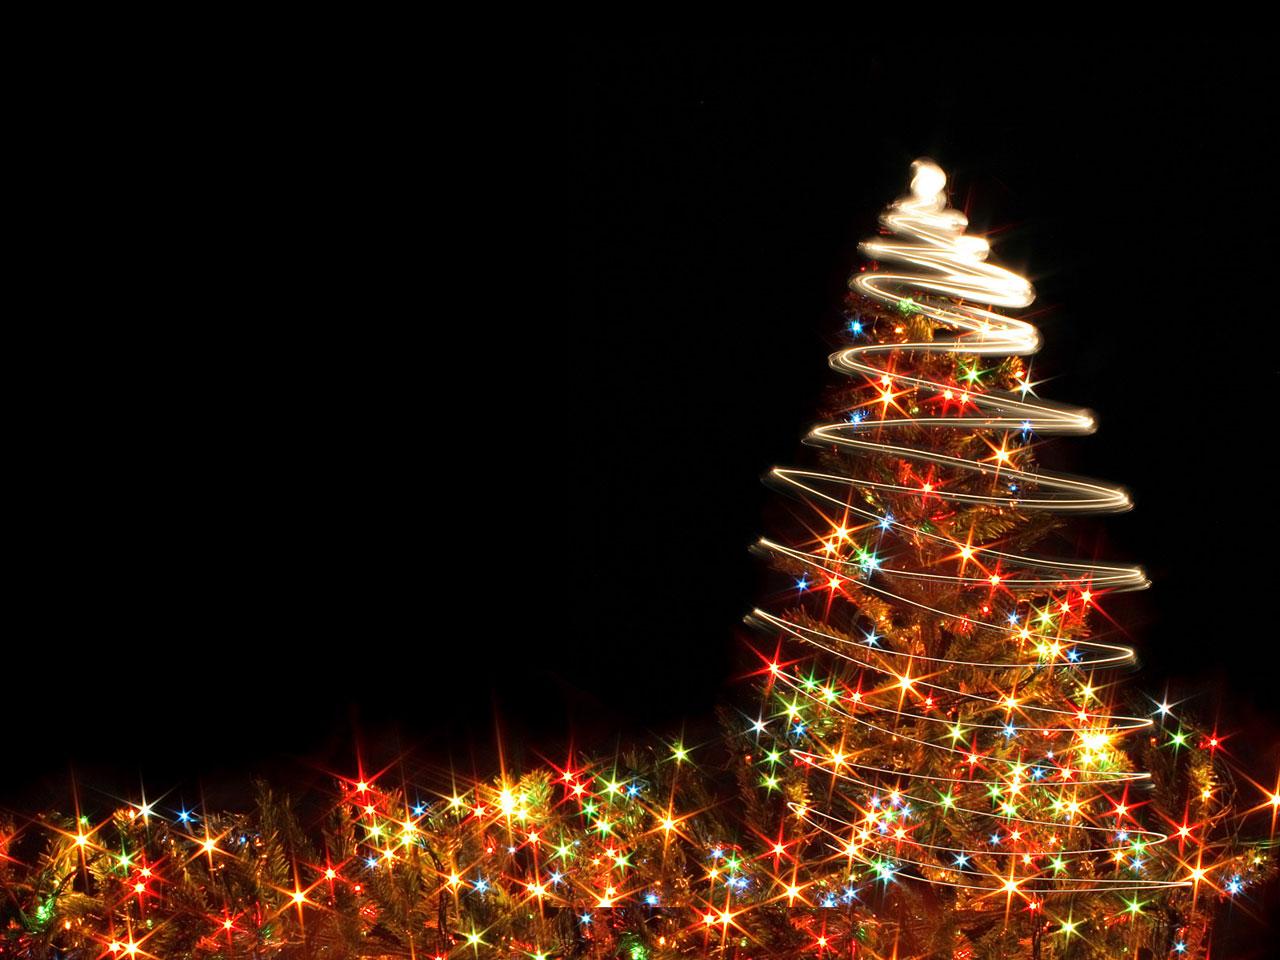 Immagine di Natale: luci di Natale con albero di Natale